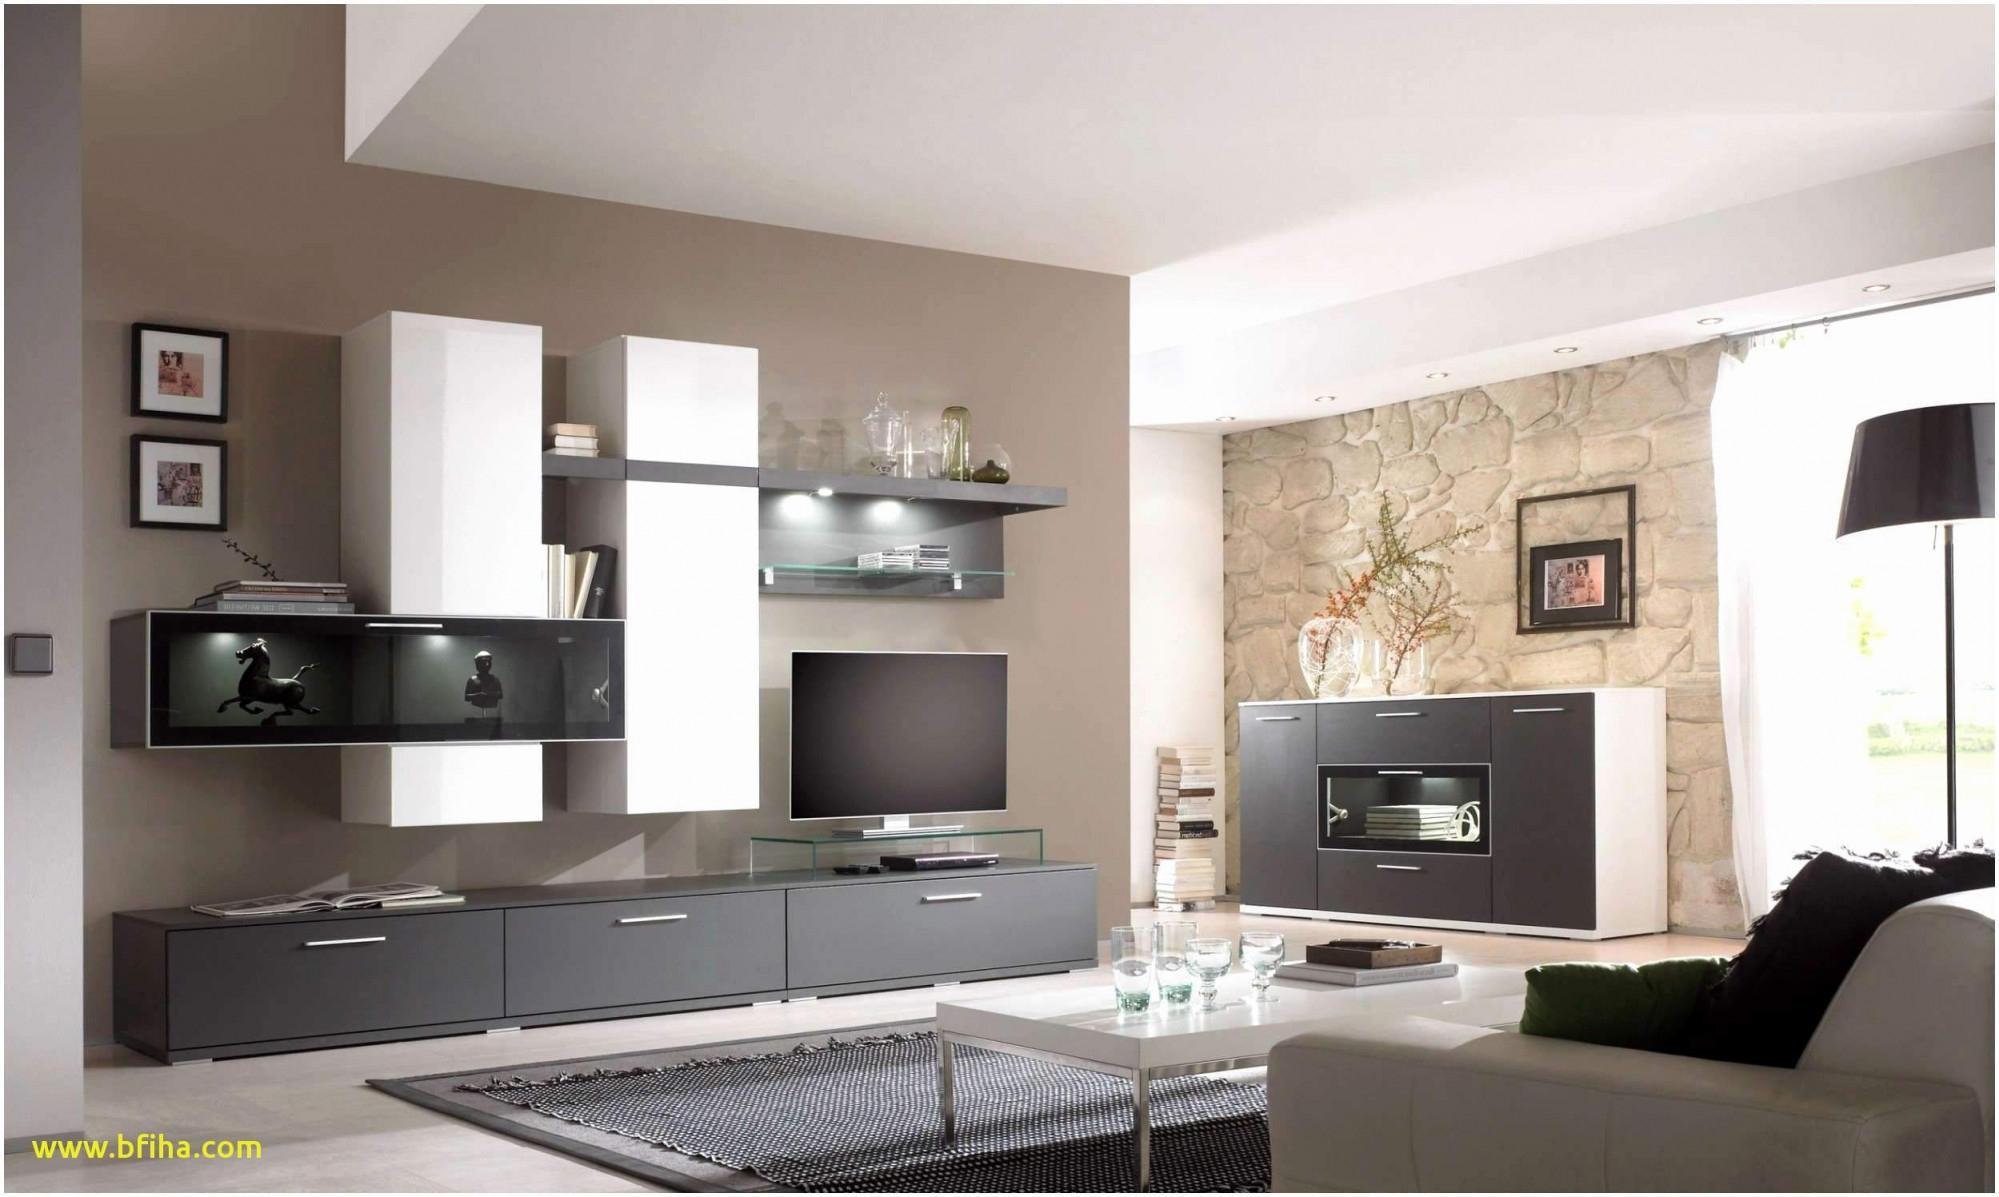 Wohnzimmer Schöner Wohnen Das Beste Von Schöner Wohnen von Schöner Wohnen Bilder Wohnzimmer Bild